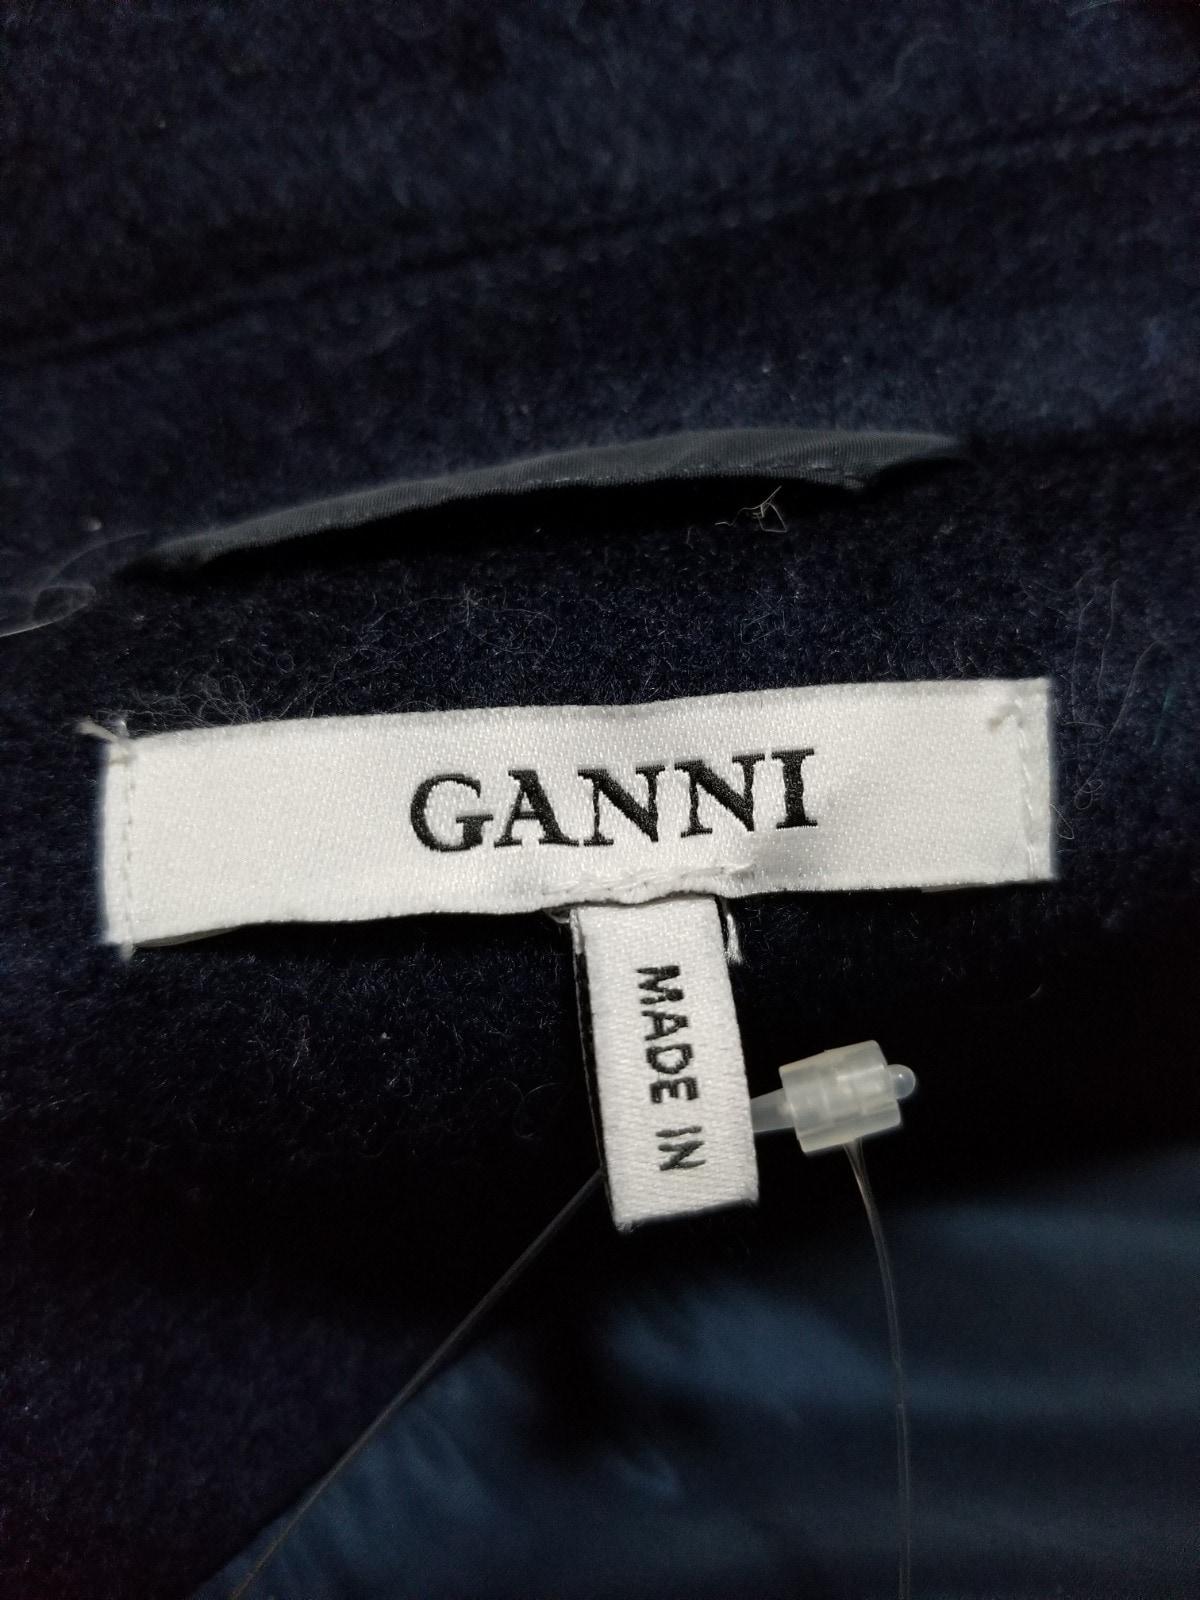 GANNI(ガニー)のダウンコート